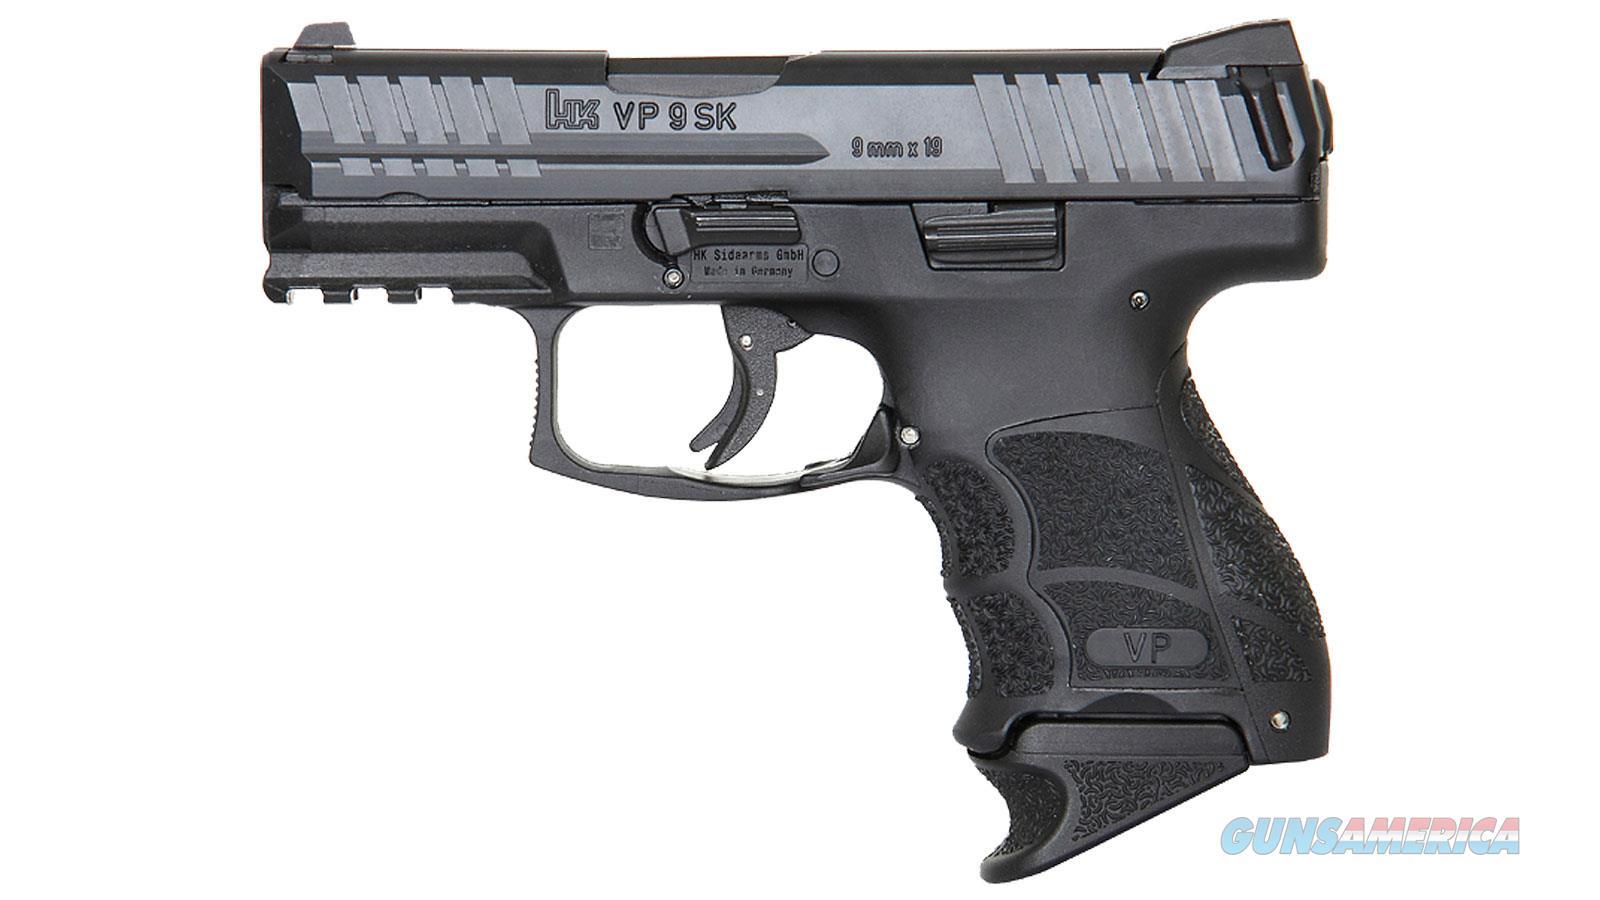 """Heckler & Koch Vp9sk Striker Fired 9Mm 3.39"""" Bbl 3-Dot Fs 2-10Rd Blk 700009K-A5  Guns > Pistols > H Misc Pistols"""